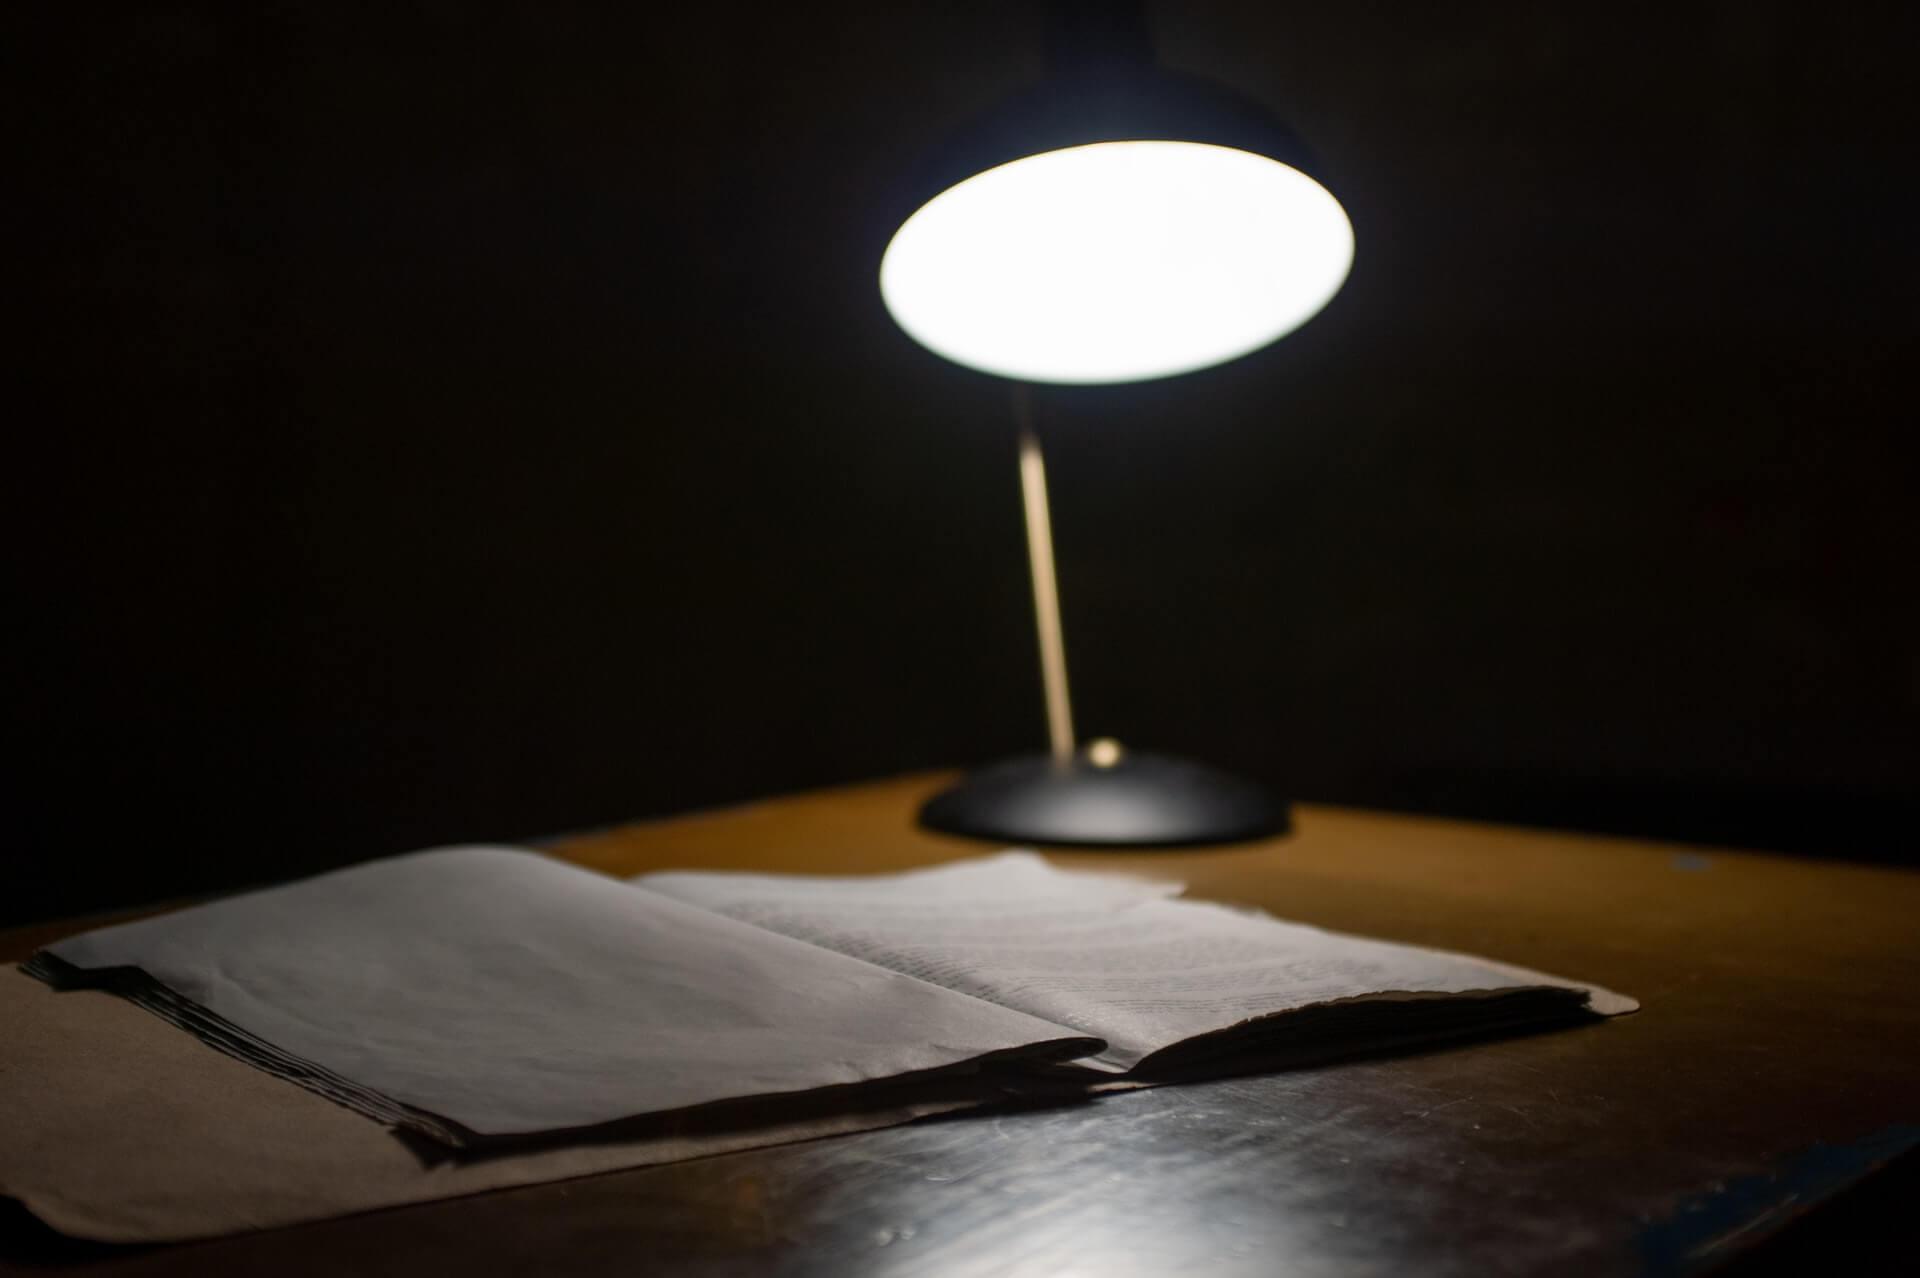 Lampa na stole, oświetlająca dokumenty.